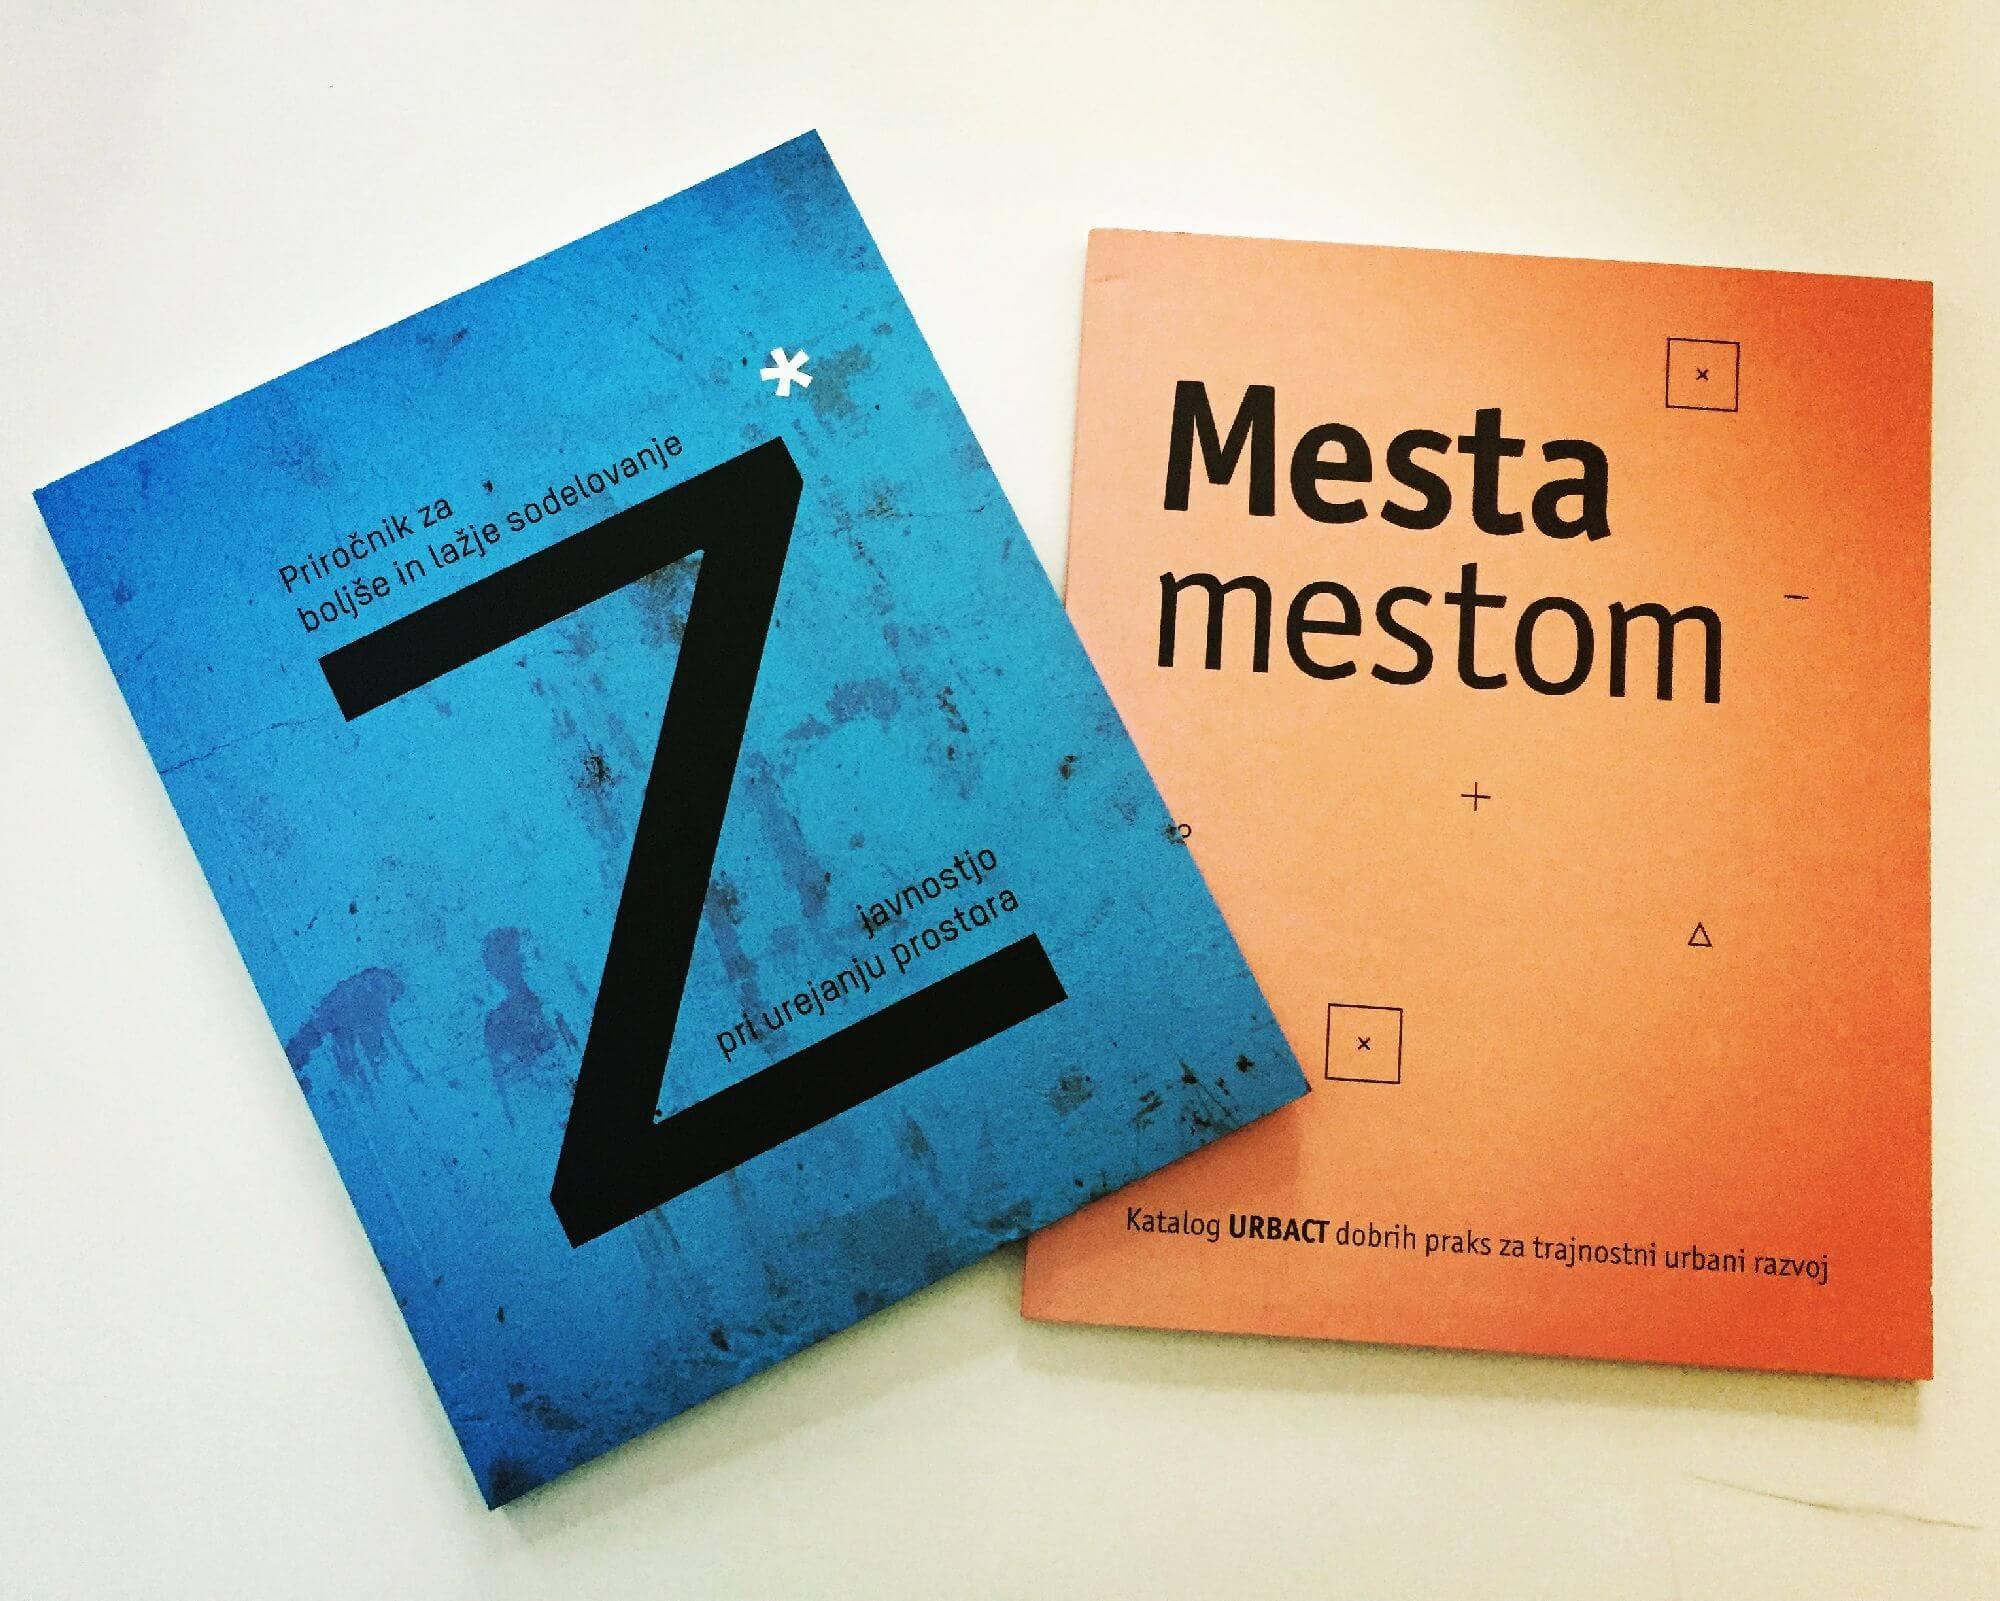 Dve novi publikaciji pomagata občinam pri upravljanju